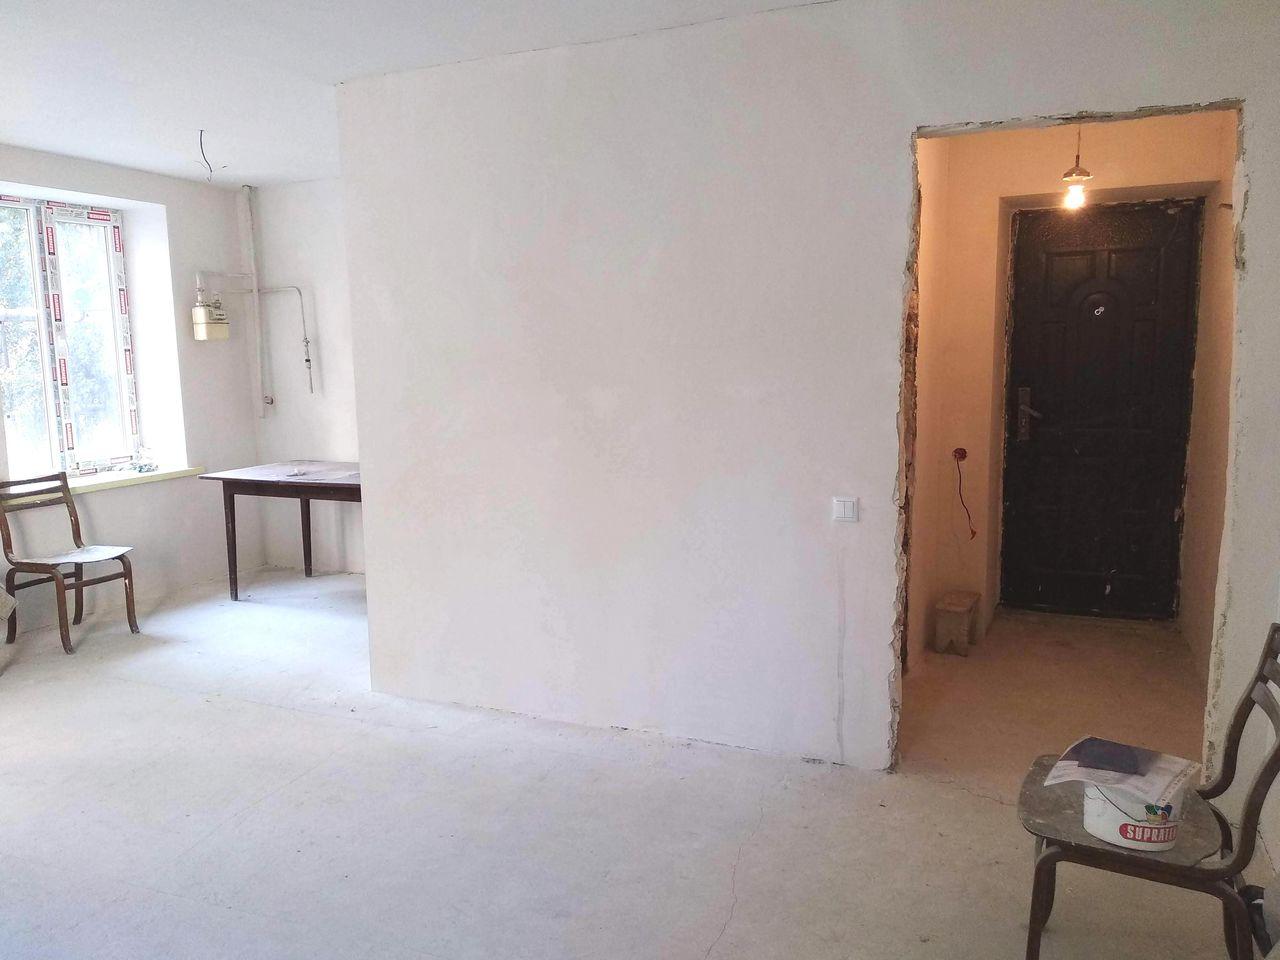 Продам 1к квартиру, 35м2, ТВладимиреску, Новая элпроводка, стеклопакеты, выровнены стены, пол